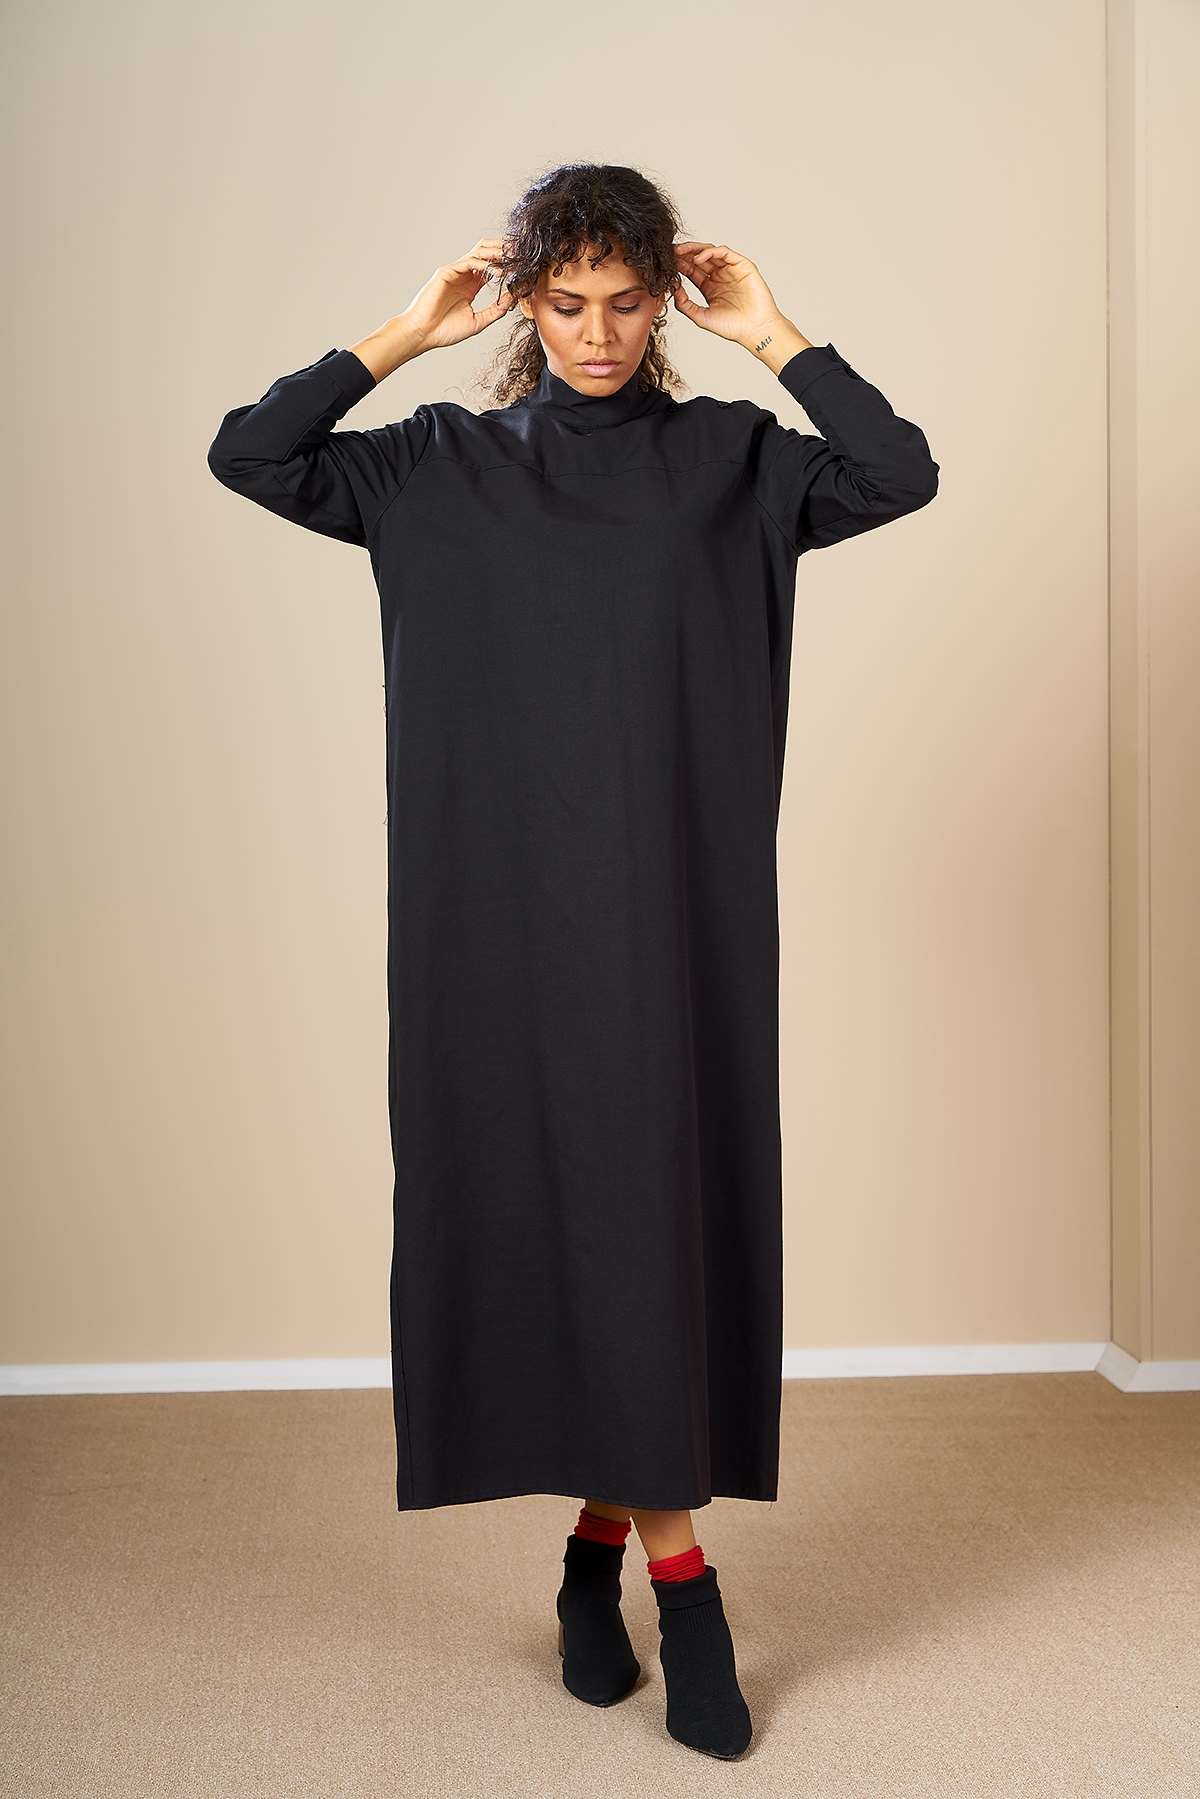 Mevra - Robalı Elbise Siyah